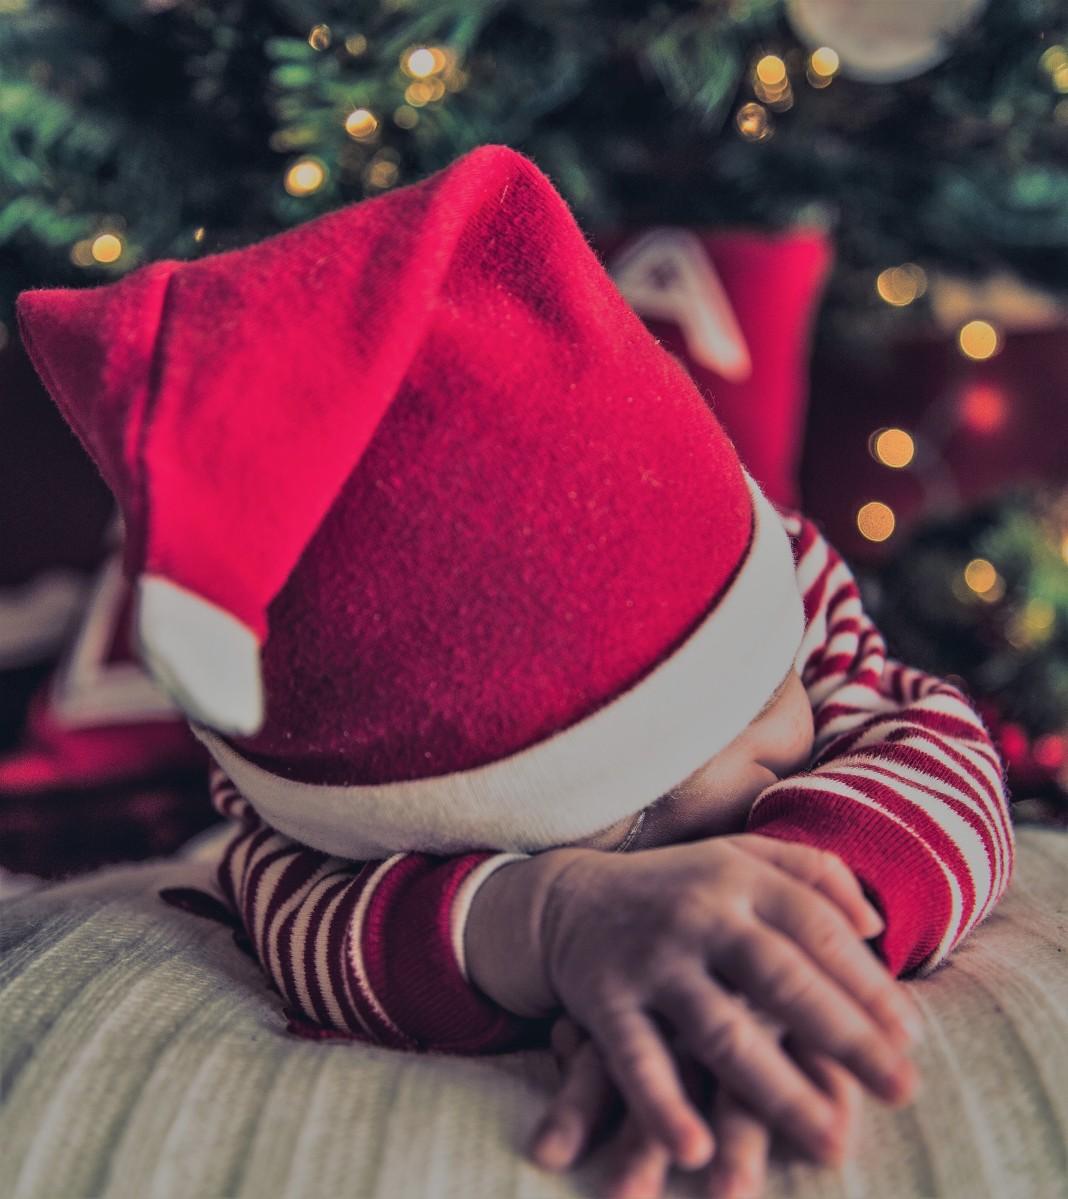 Melancolia de Fim de Ano - Sobrevivendo as festividades sem enlouquecer